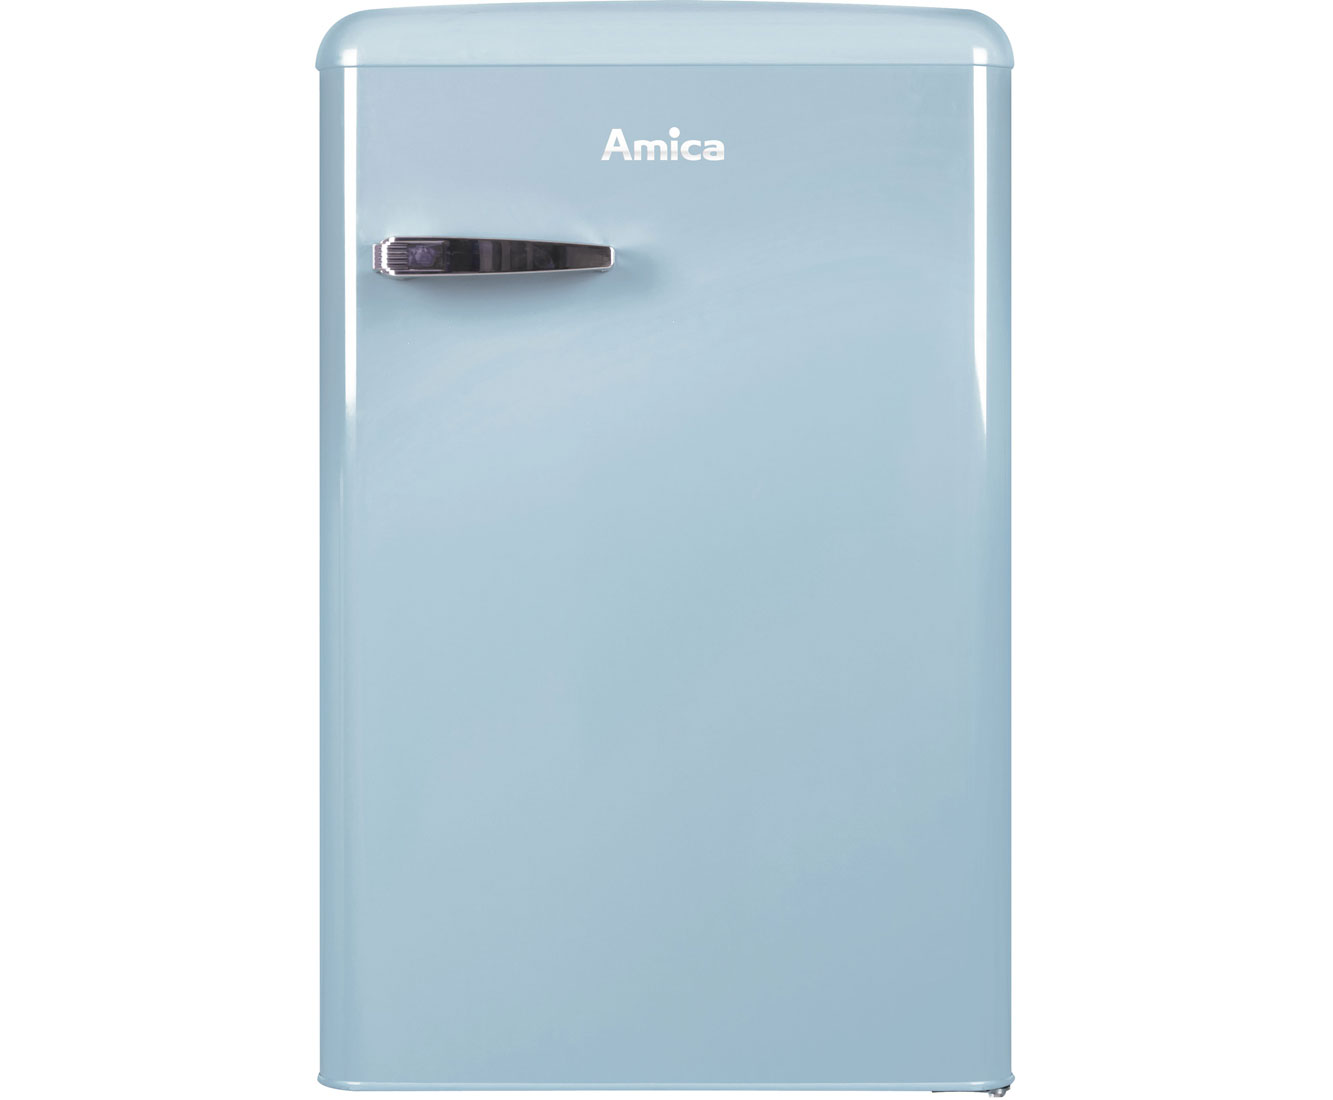 Amica Kühlschrank Mit Gefrierfach Retro : Amica vks 15626 l kühlschrank blau retro design a